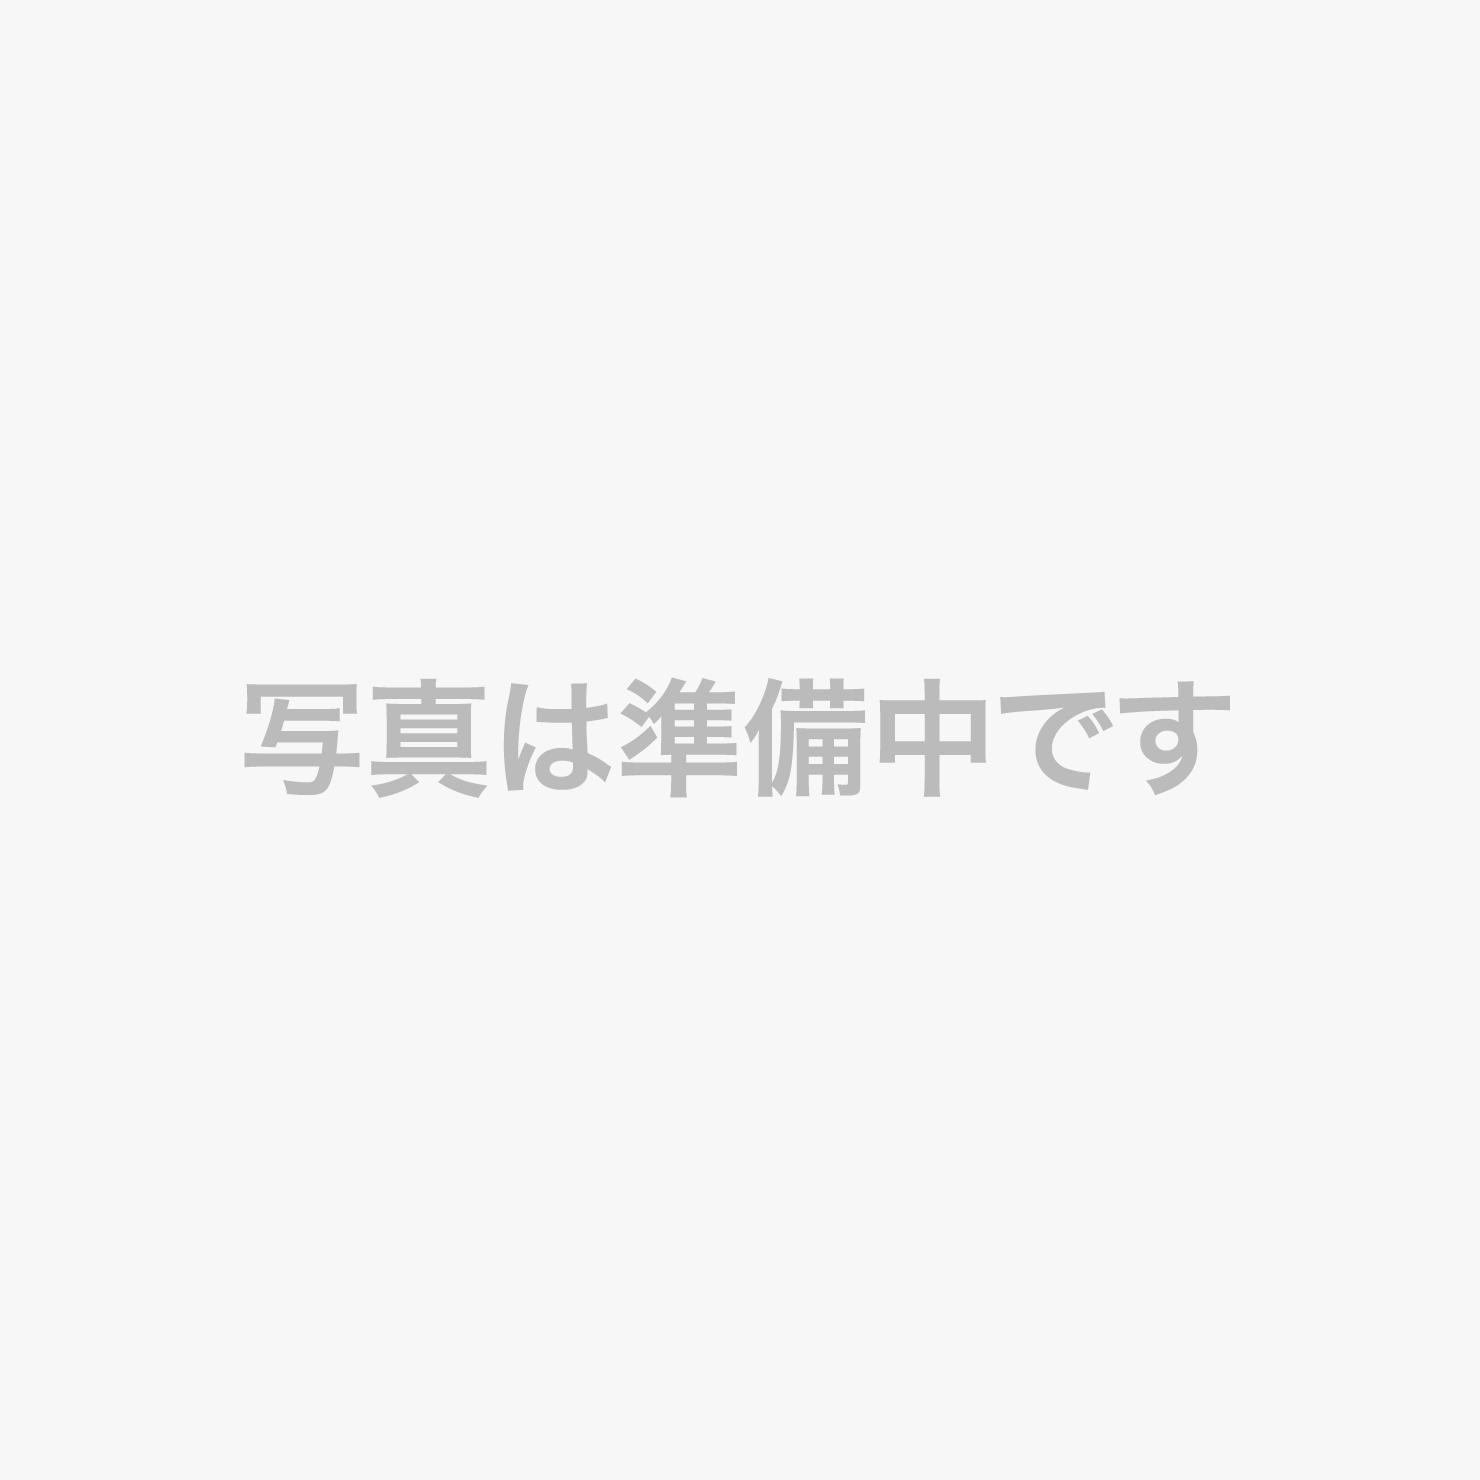 仙台名物ずんだ餅(写真提供:宮城県観光課)